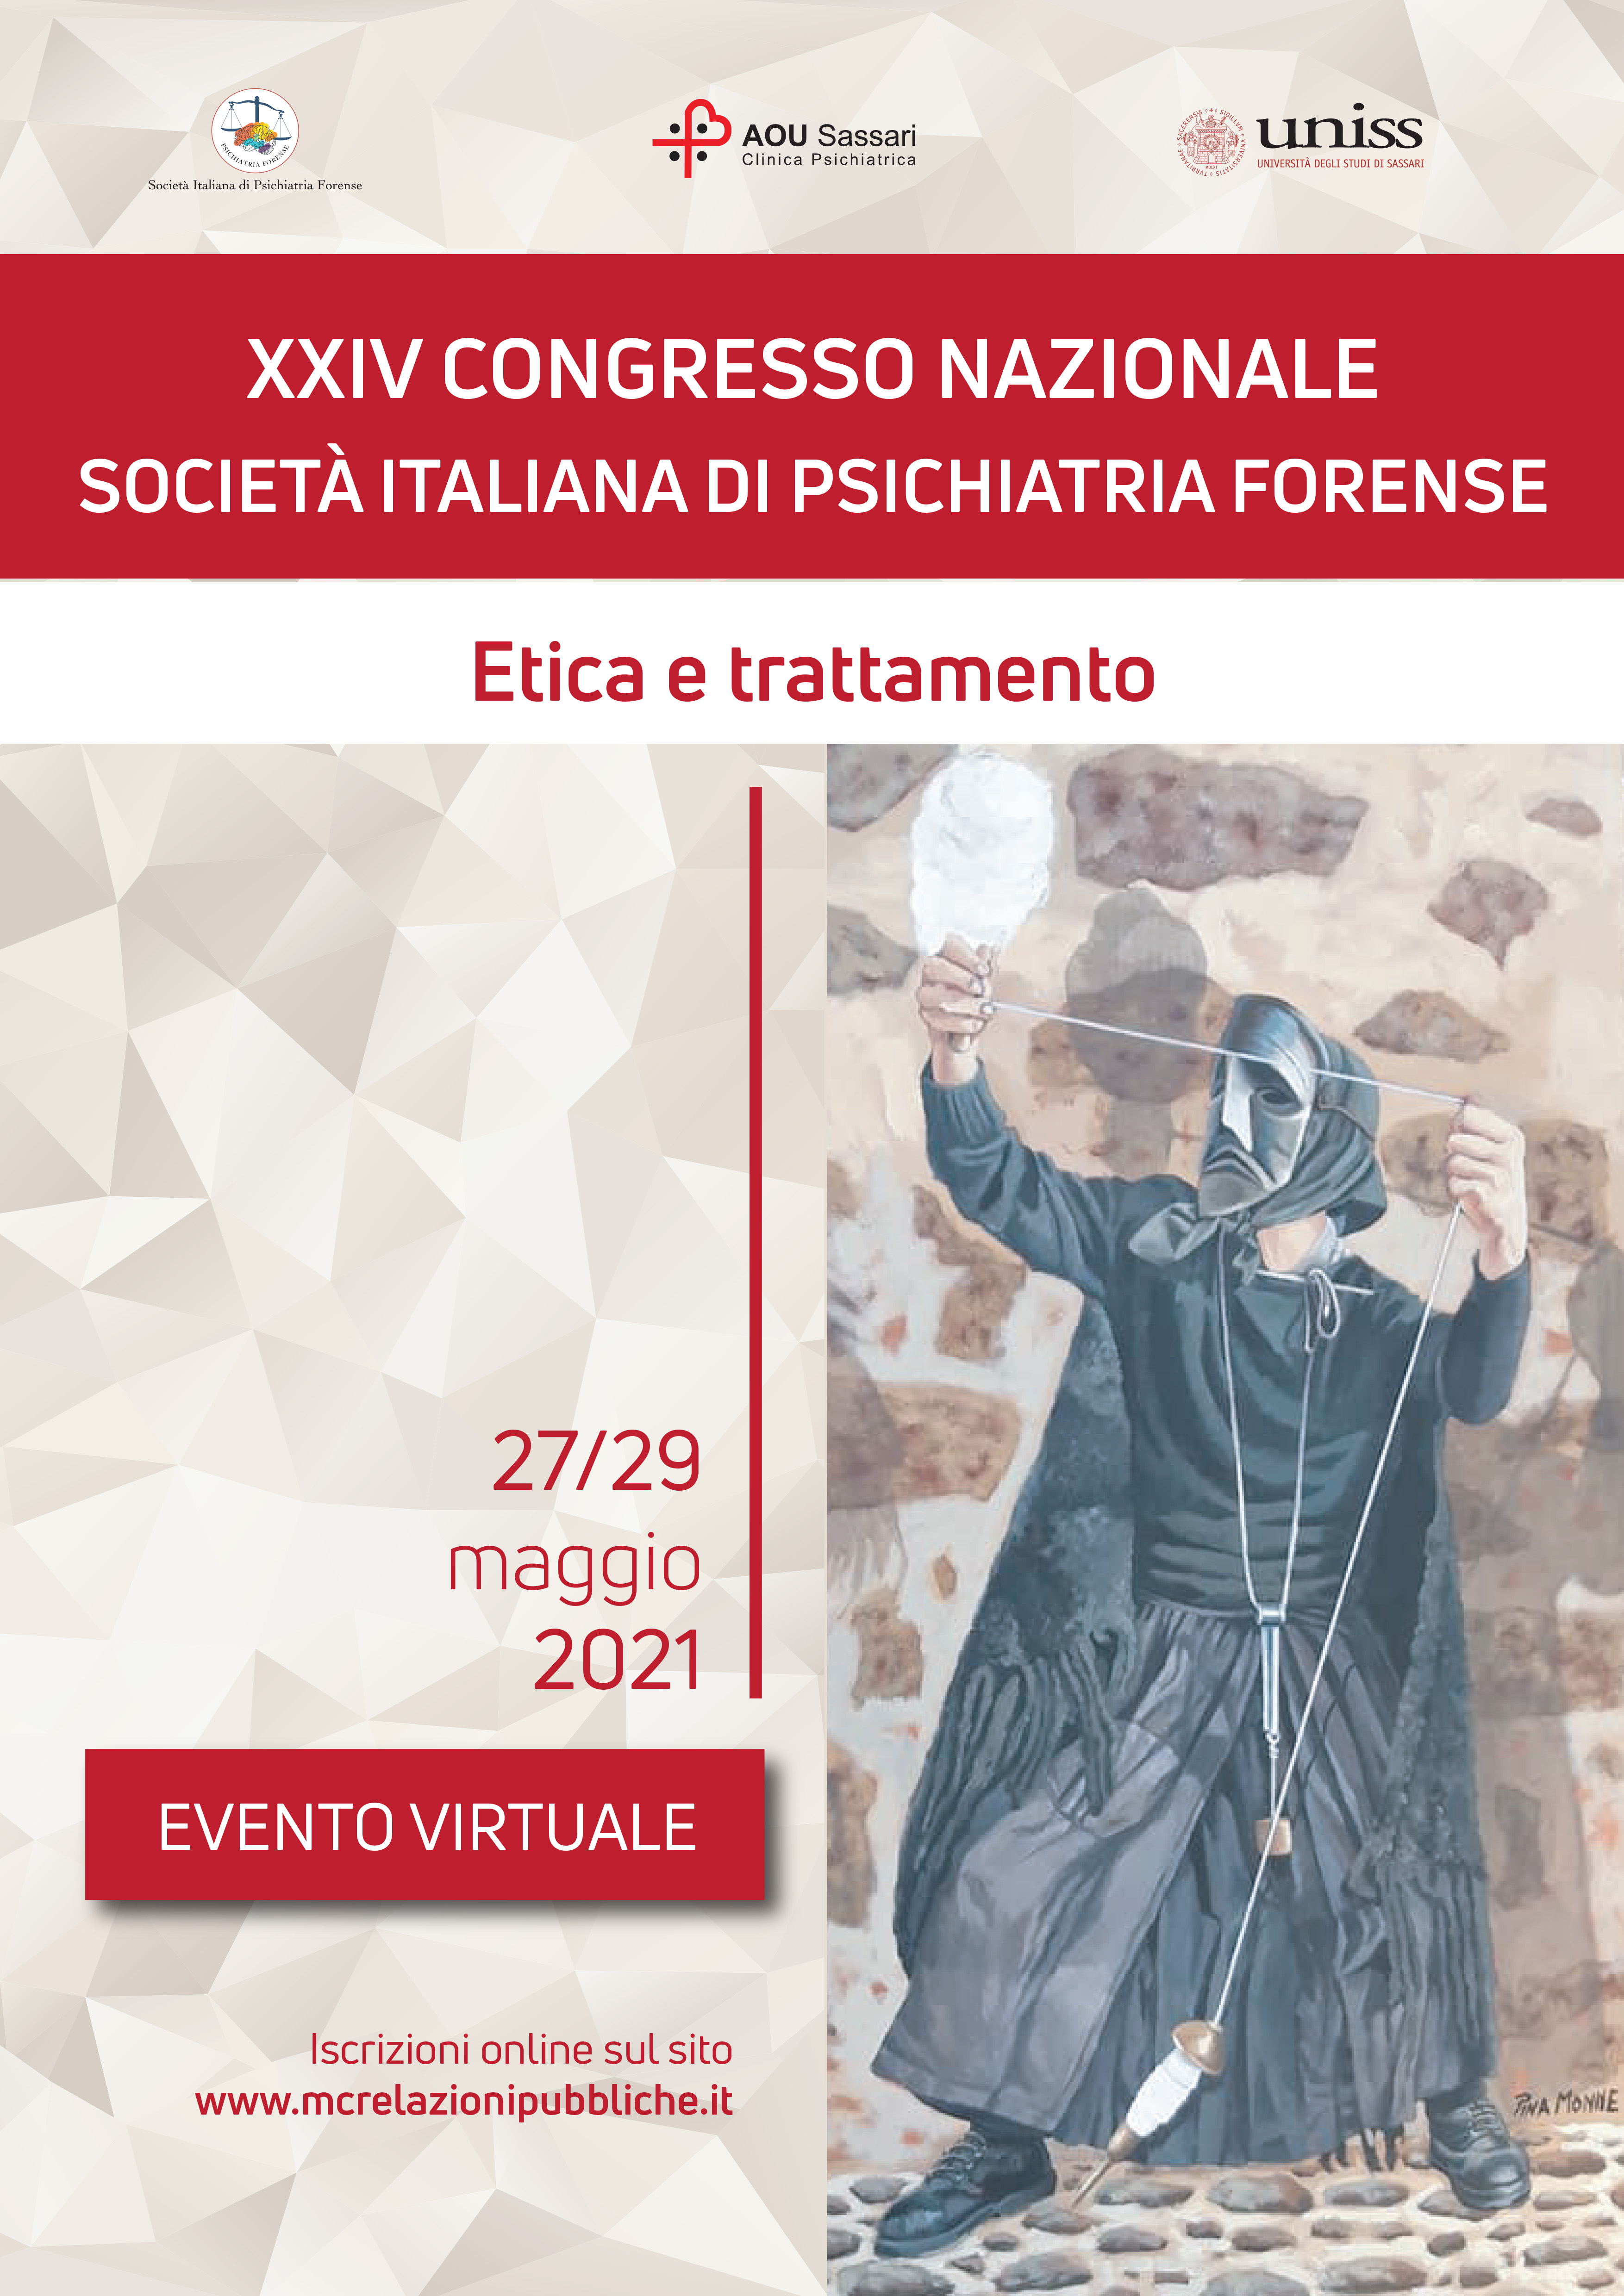 XXIV CONGRESSO NAZIONALE SOCIETÀ ITALIANA DI PSICHIATRIA FORENSE - Etica e Trattamento